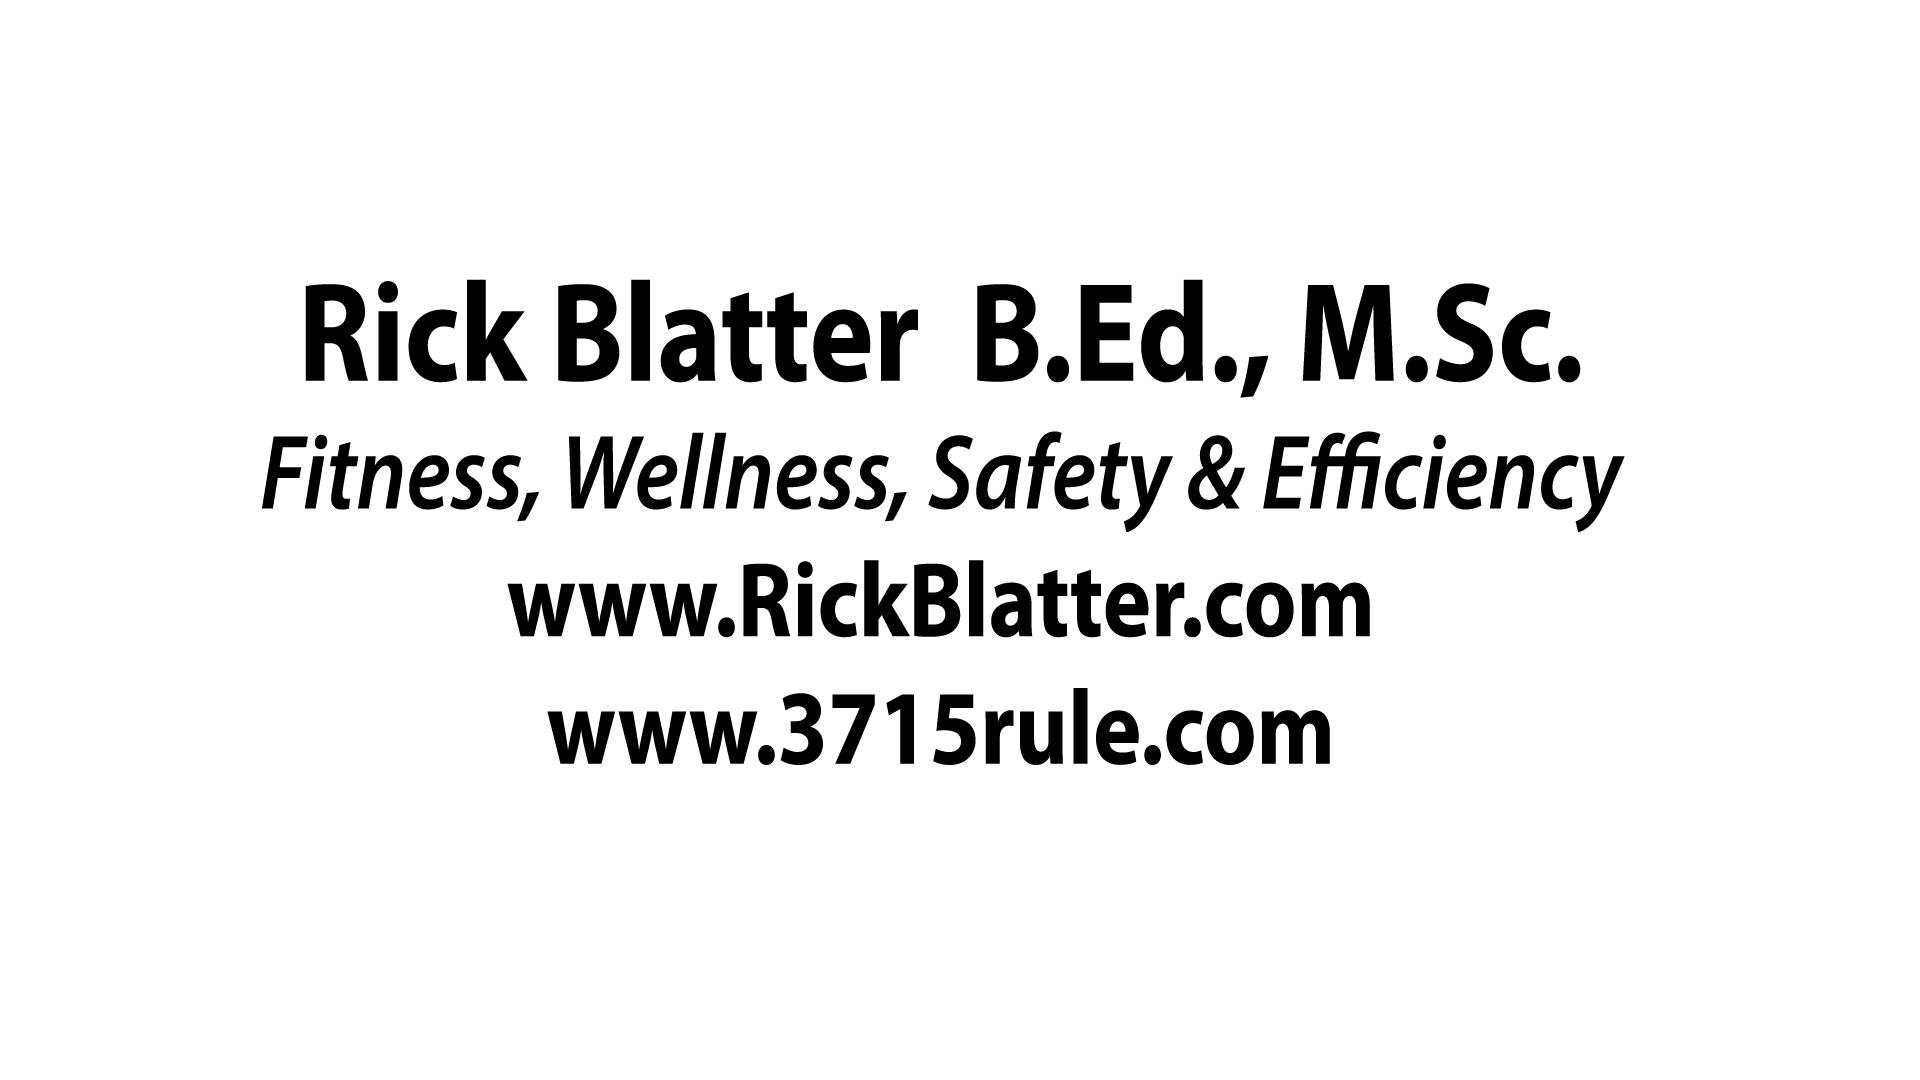 Rick Blatter